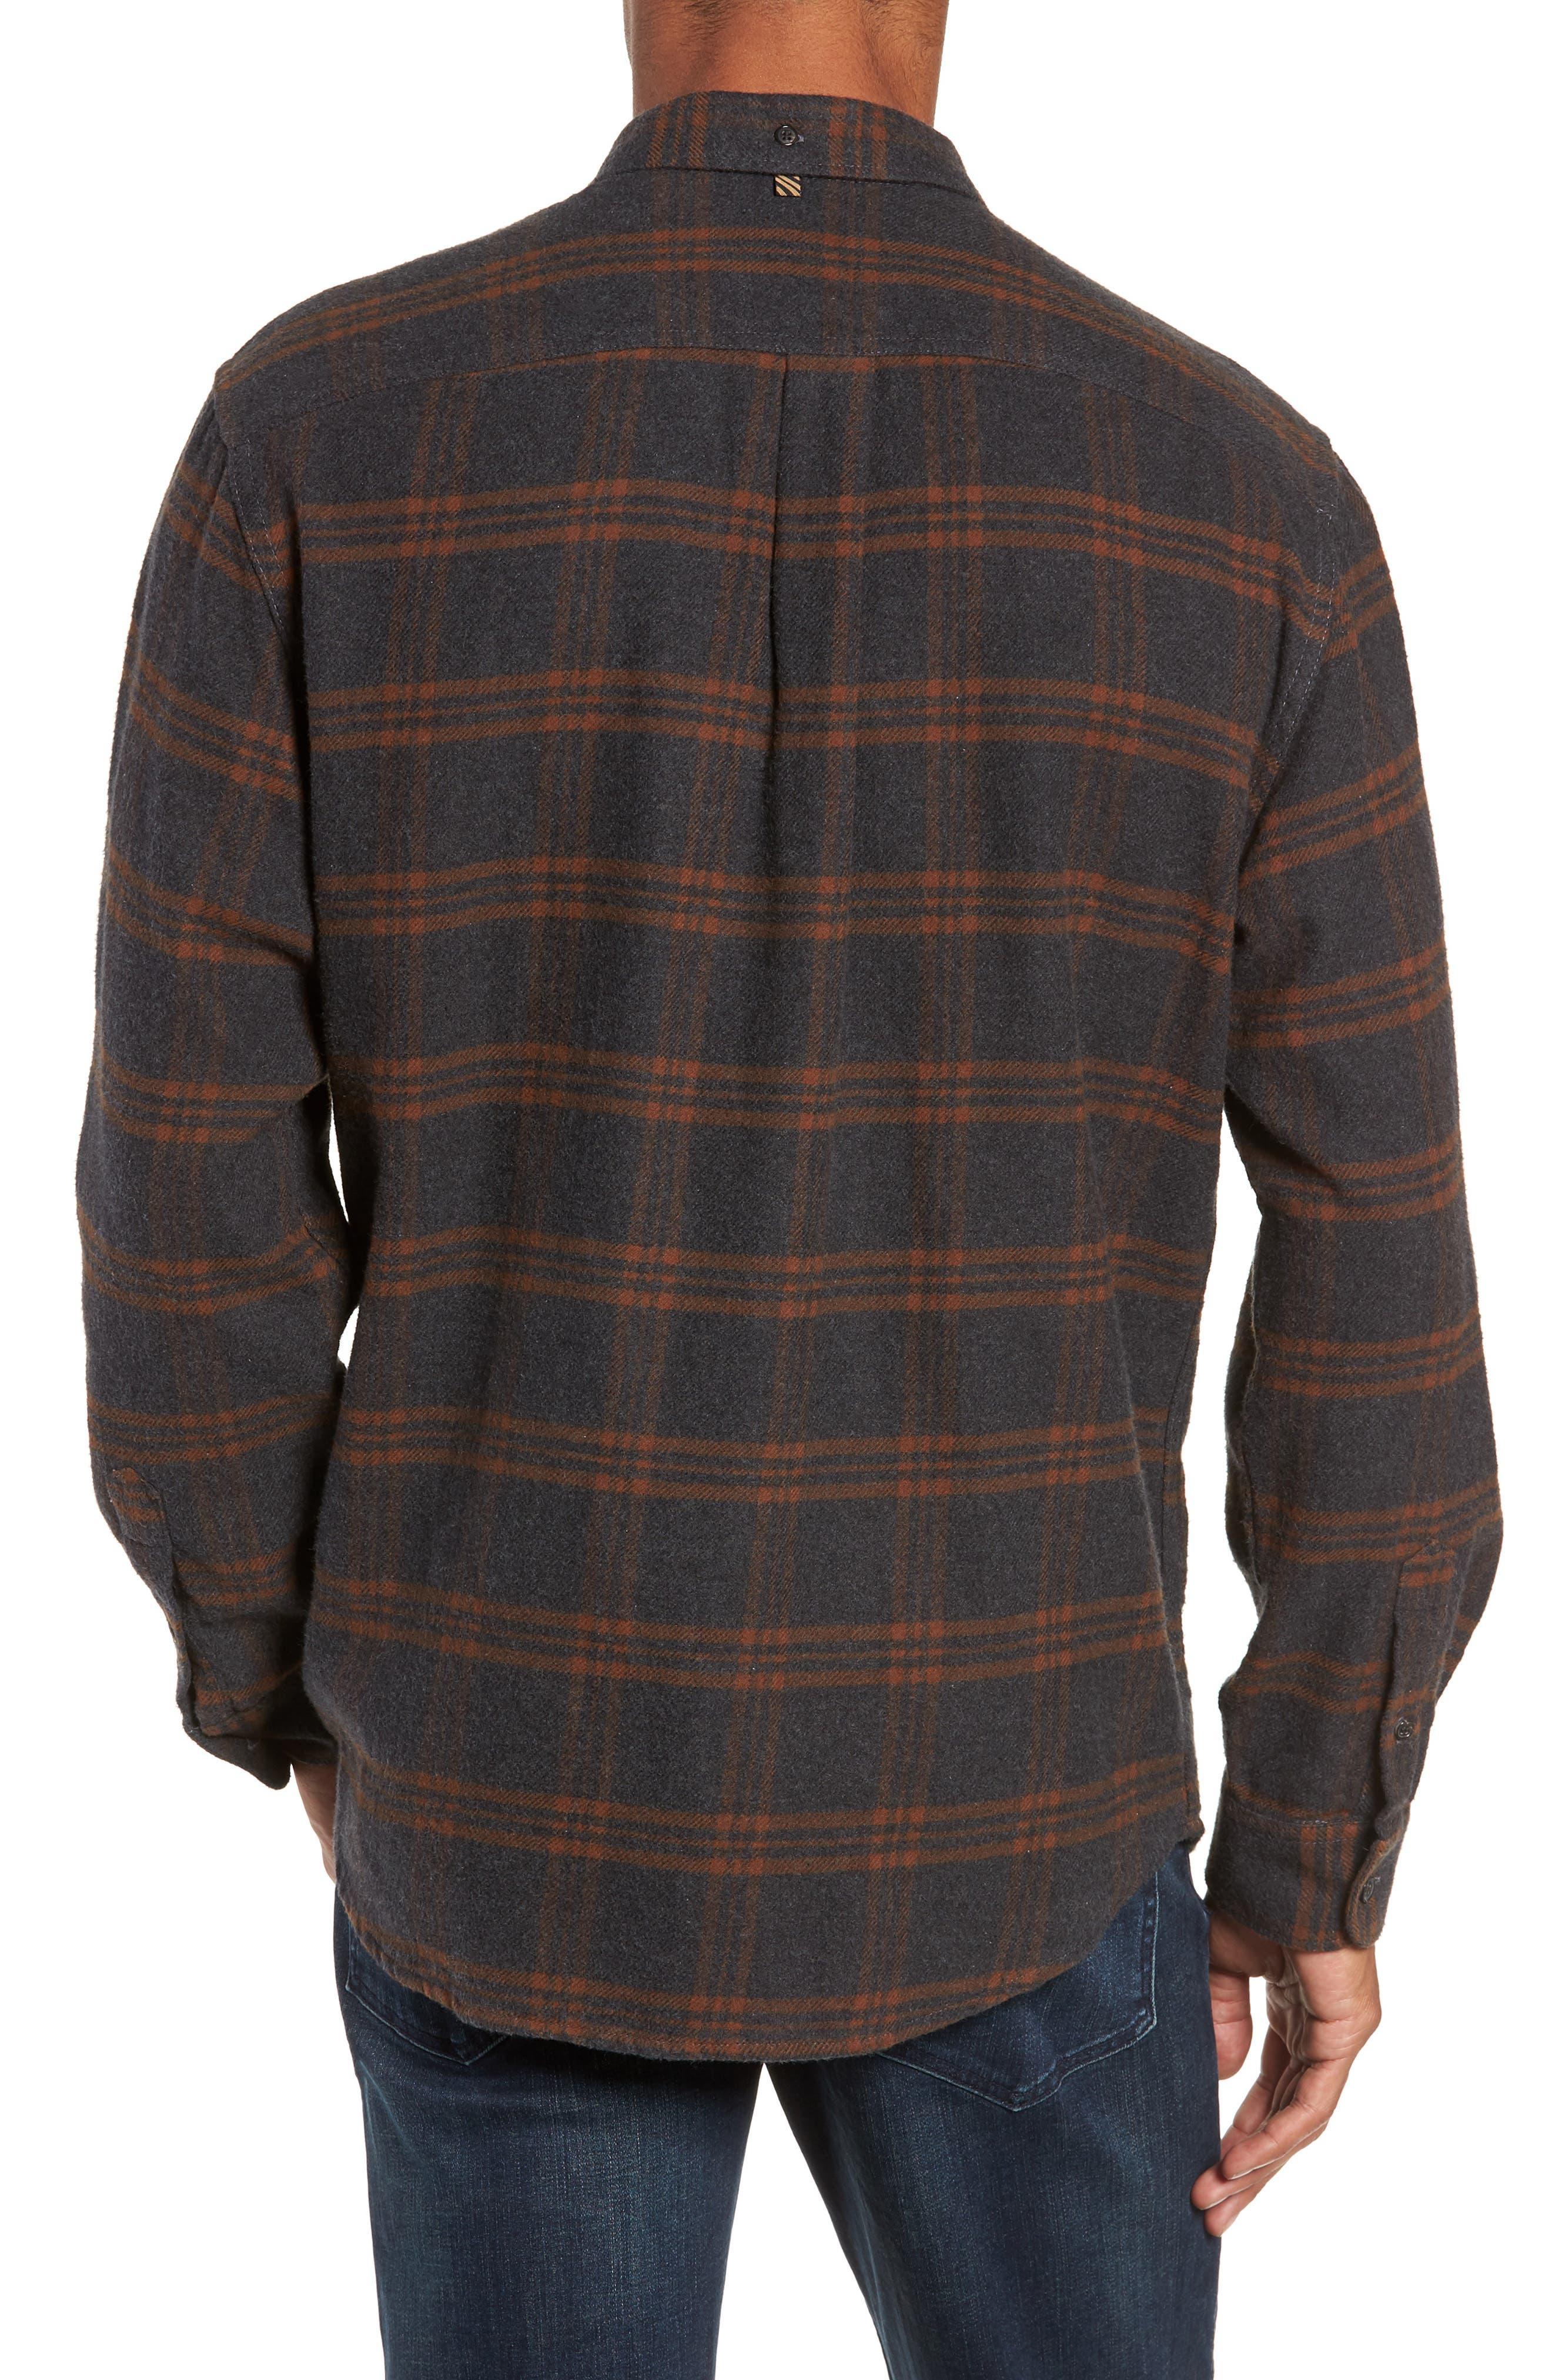 BILLY REID,                             Plaid Cotton Flannel Shirt,                             Alternate thumbnail 2, color,                             020